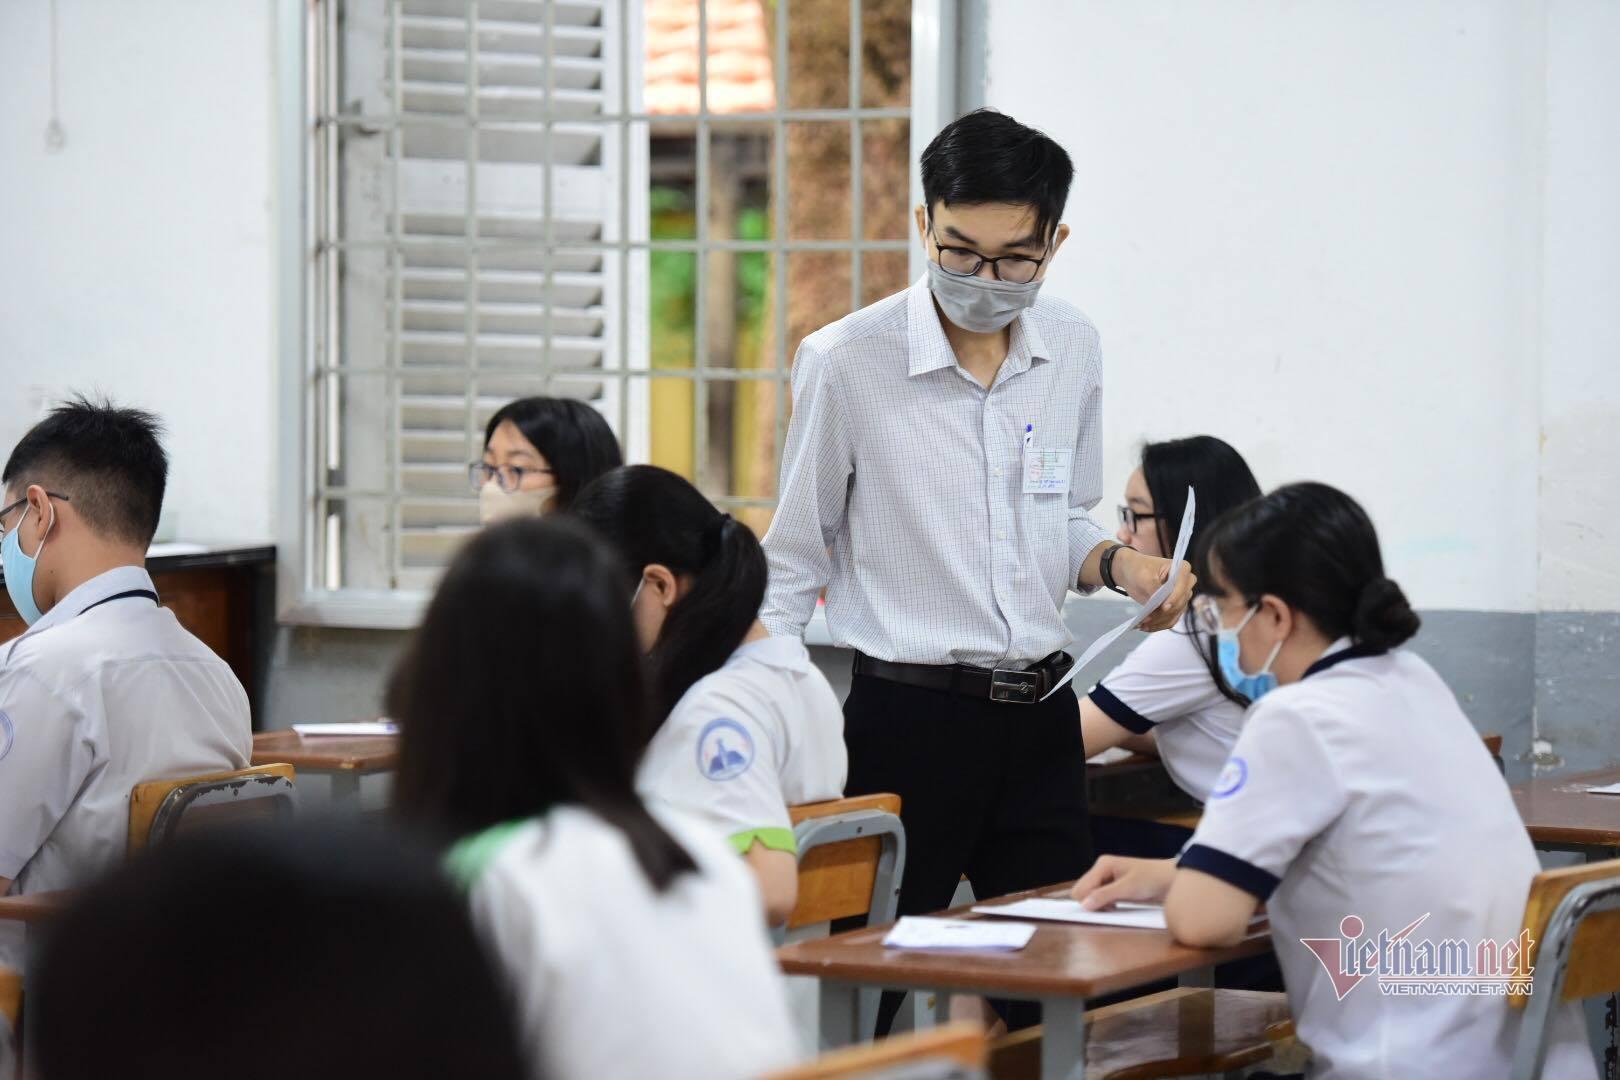 Giáo viên chưa đáp ứng trình độ chuẩn có thể bị buộc thôi việc